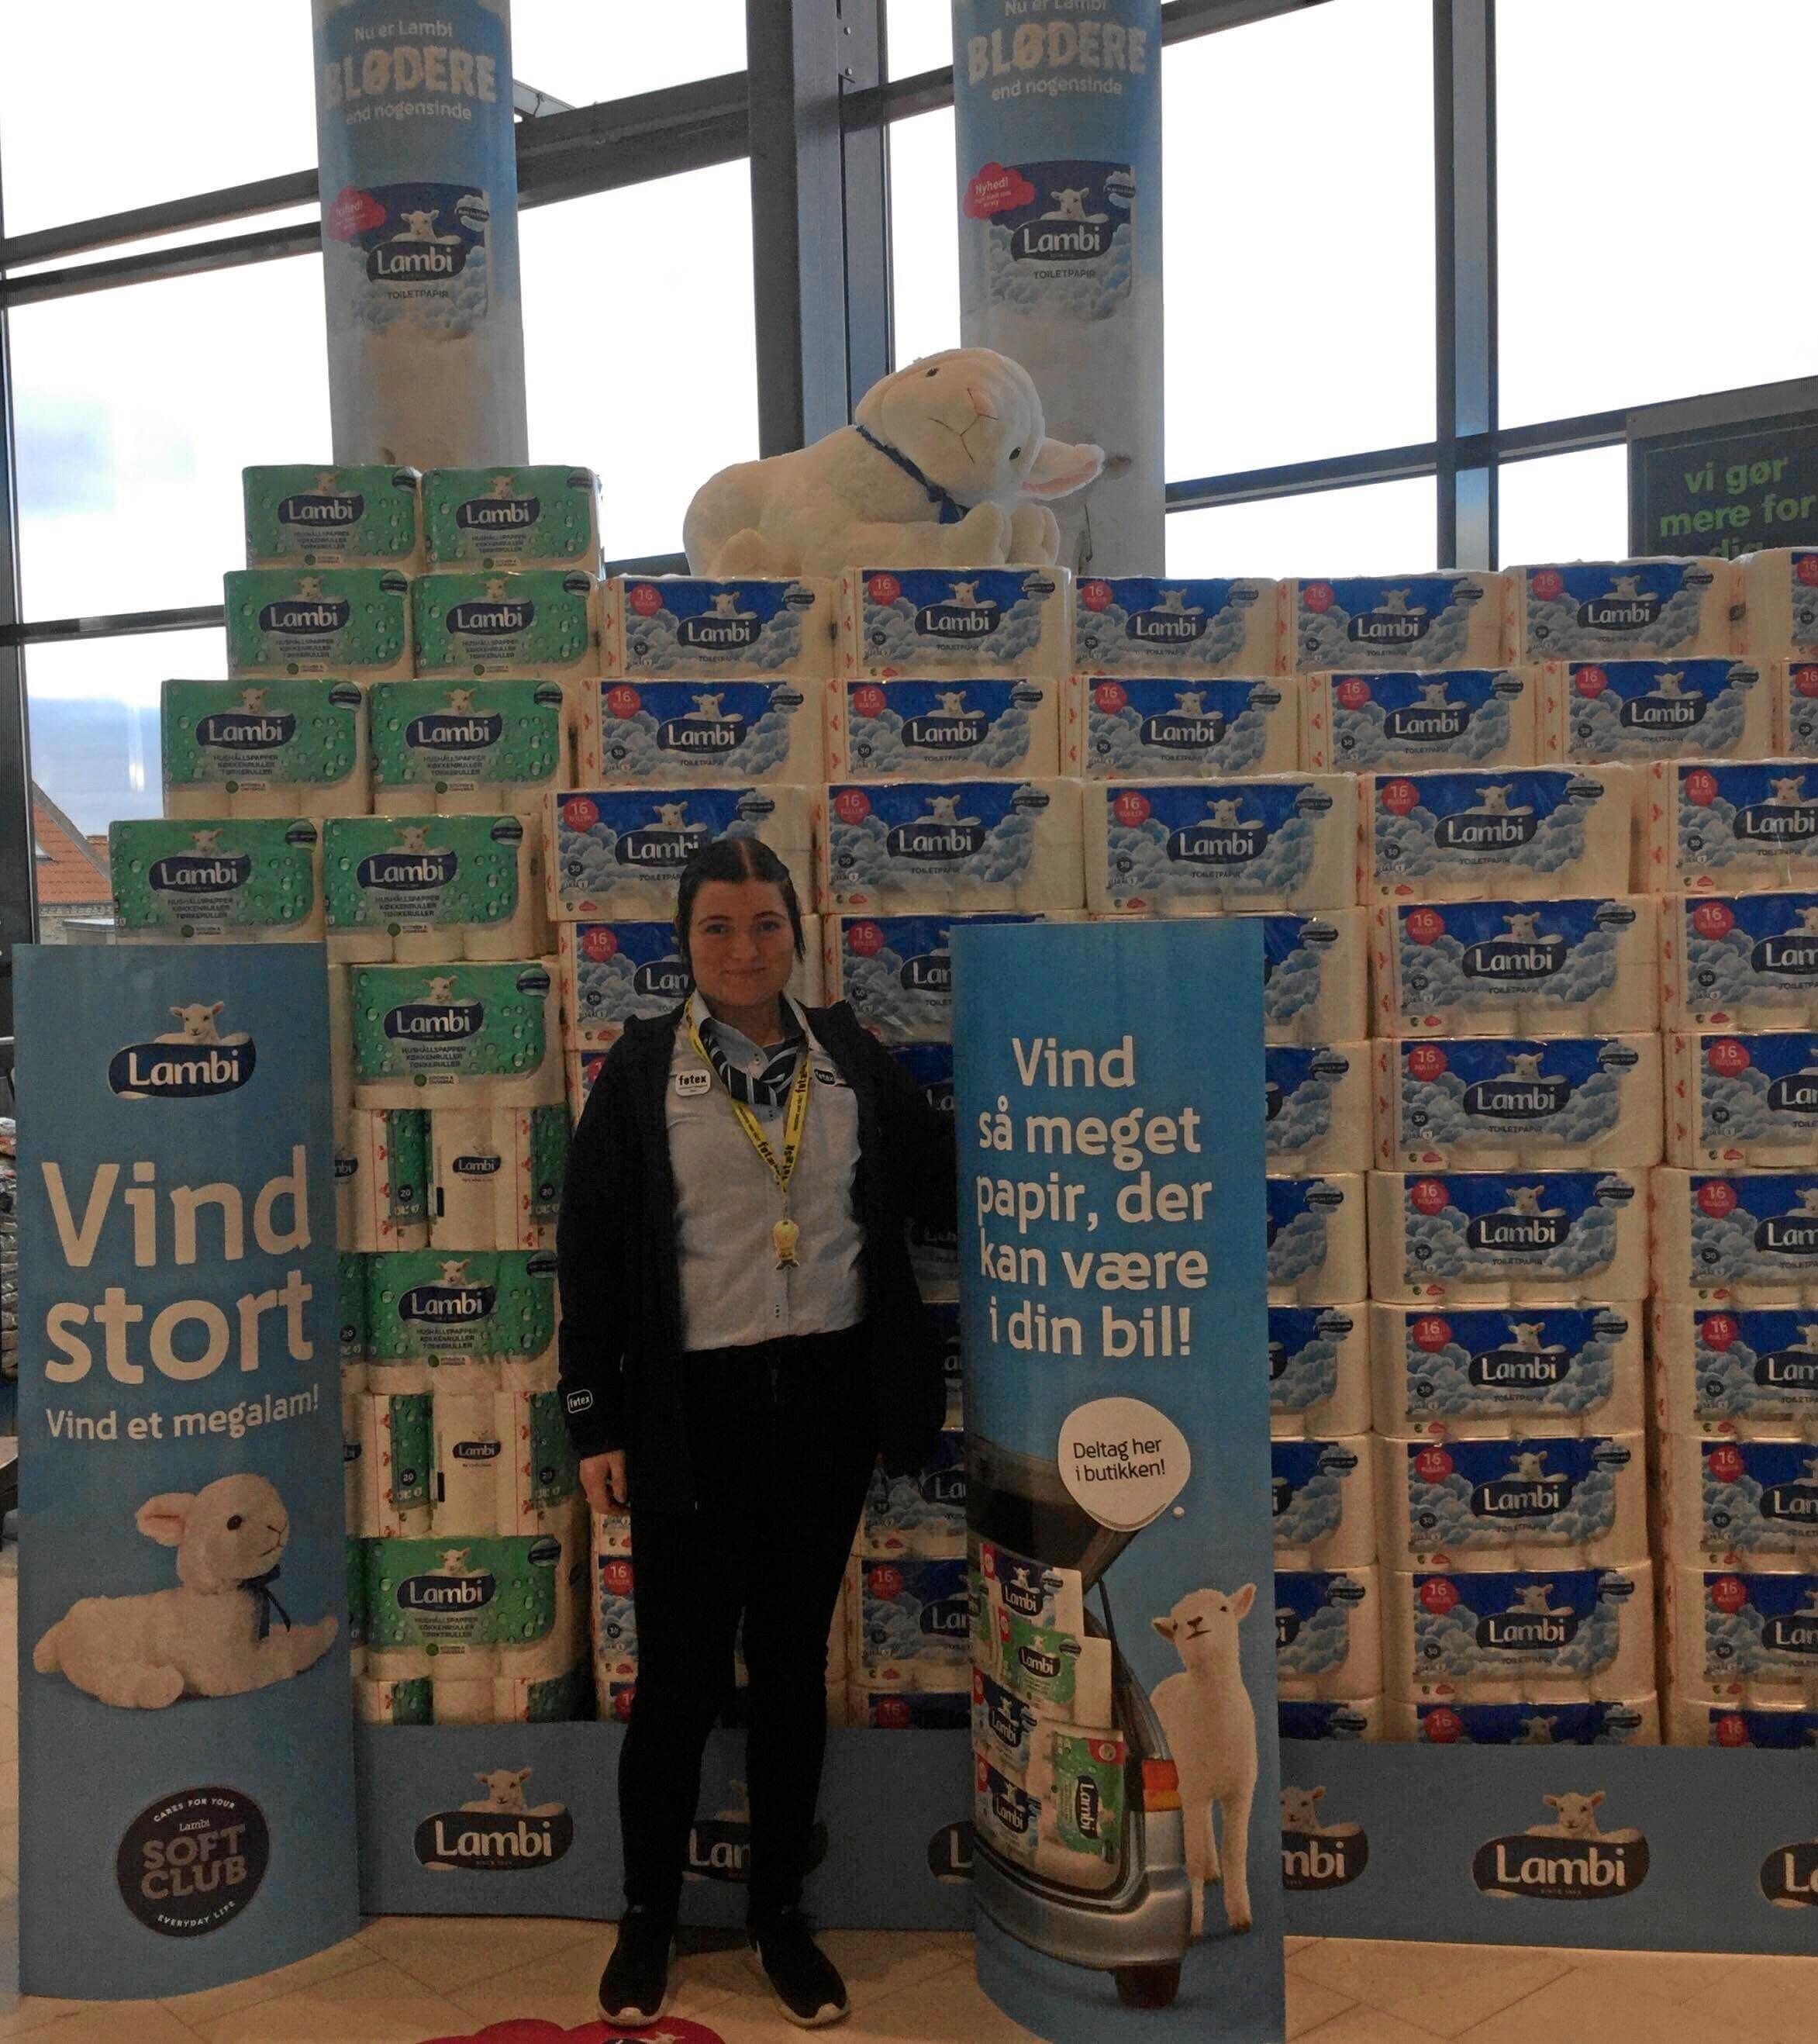 Christina Fjelsgaard ved sin udstilling med Lambi toiletpapir som fagprøverne.Privatfoto